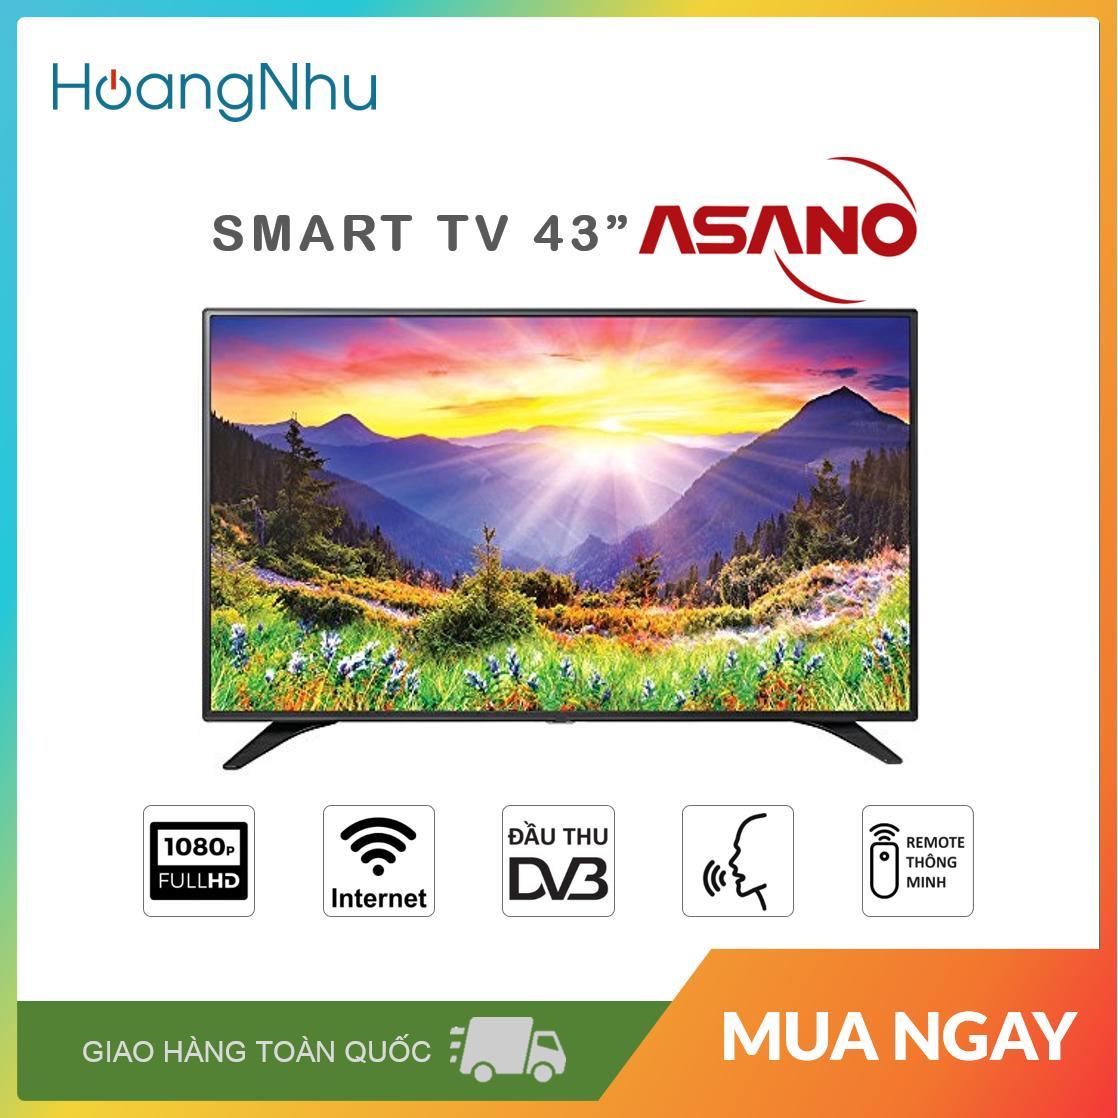 Bảng giá Smart Voice TV Asano 43 inch 43EK7 (Full HD, Android 7.1.1, Wifi, Điều khiển giọng nói, Bluetooth, Truyền hình KTS) - Bảo hành toàn quốc 2 năm